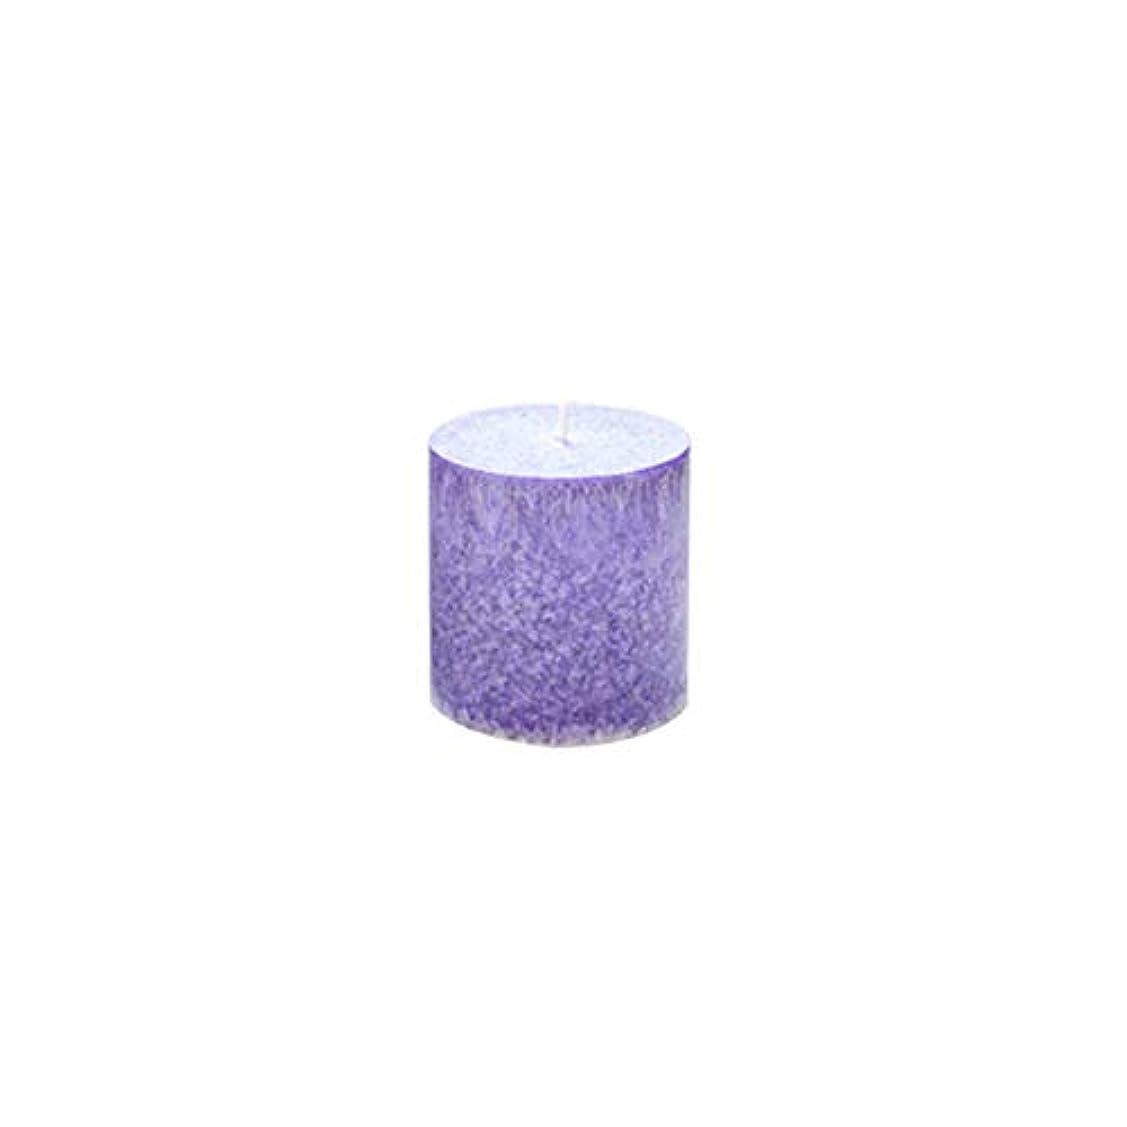 活性化する太字好きRakuby 香料入り 蝋燭 ロマンチック 紫色 ラベンダー アロマ療法 柱 蝋燭 祝祭 結婚祝い 無煙蝋燭